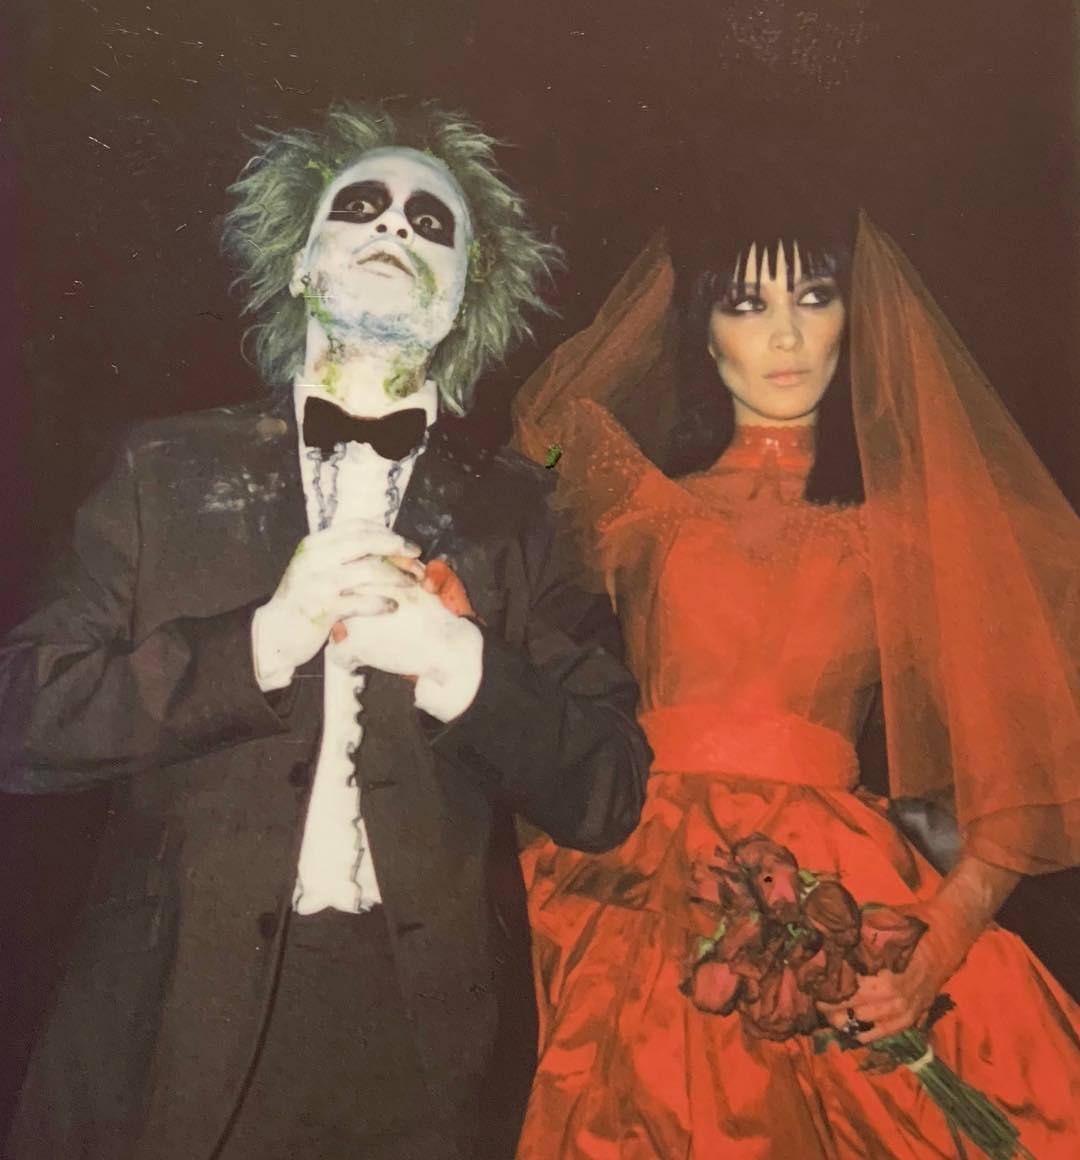 Bella Hadid & The Weeknd Halloween costume